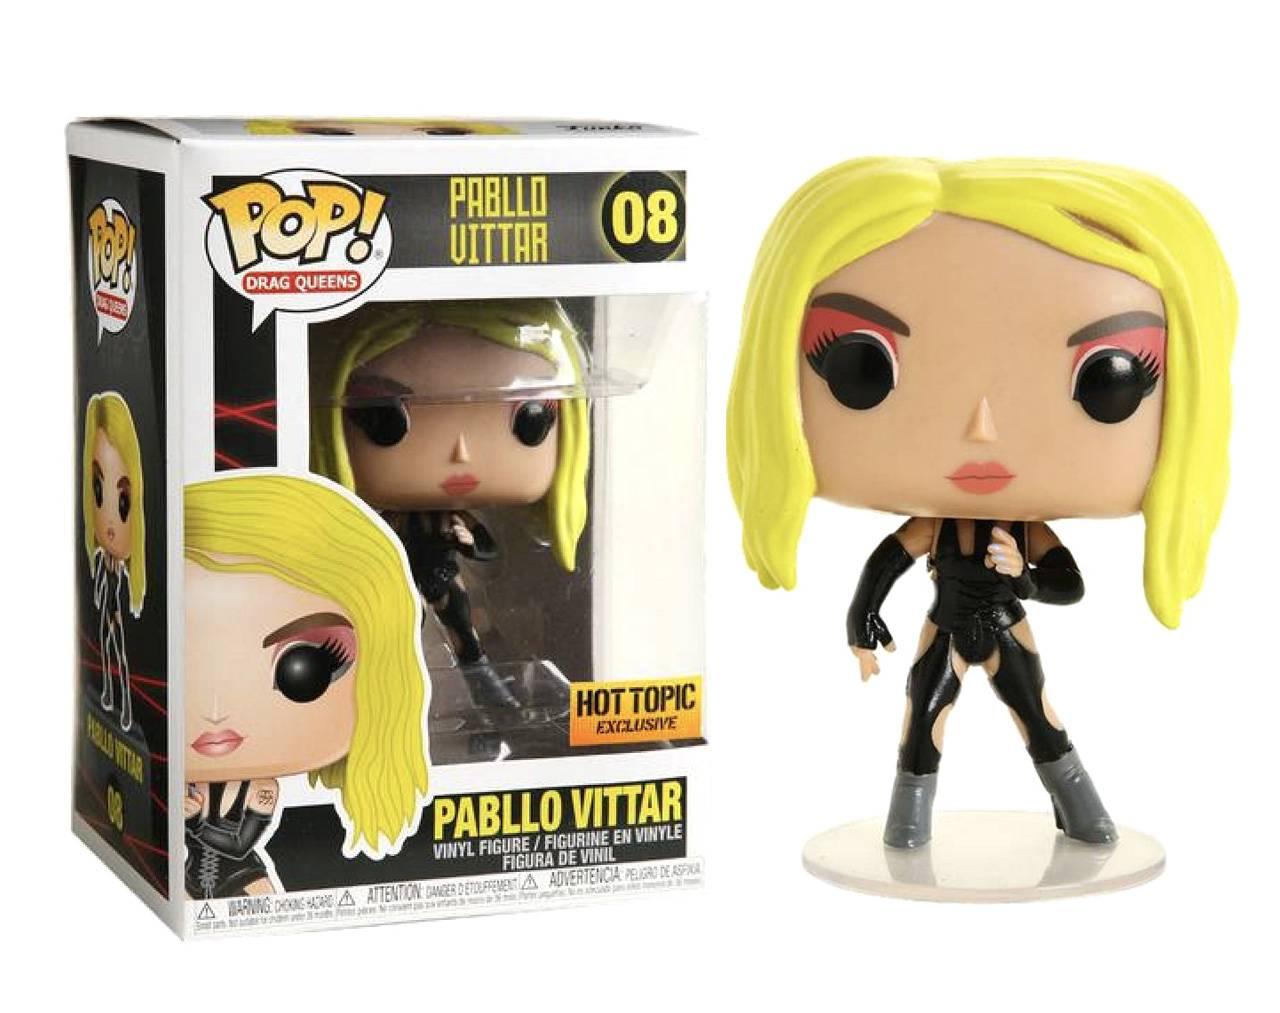 Pabllo Vittar Pop! Vinyl